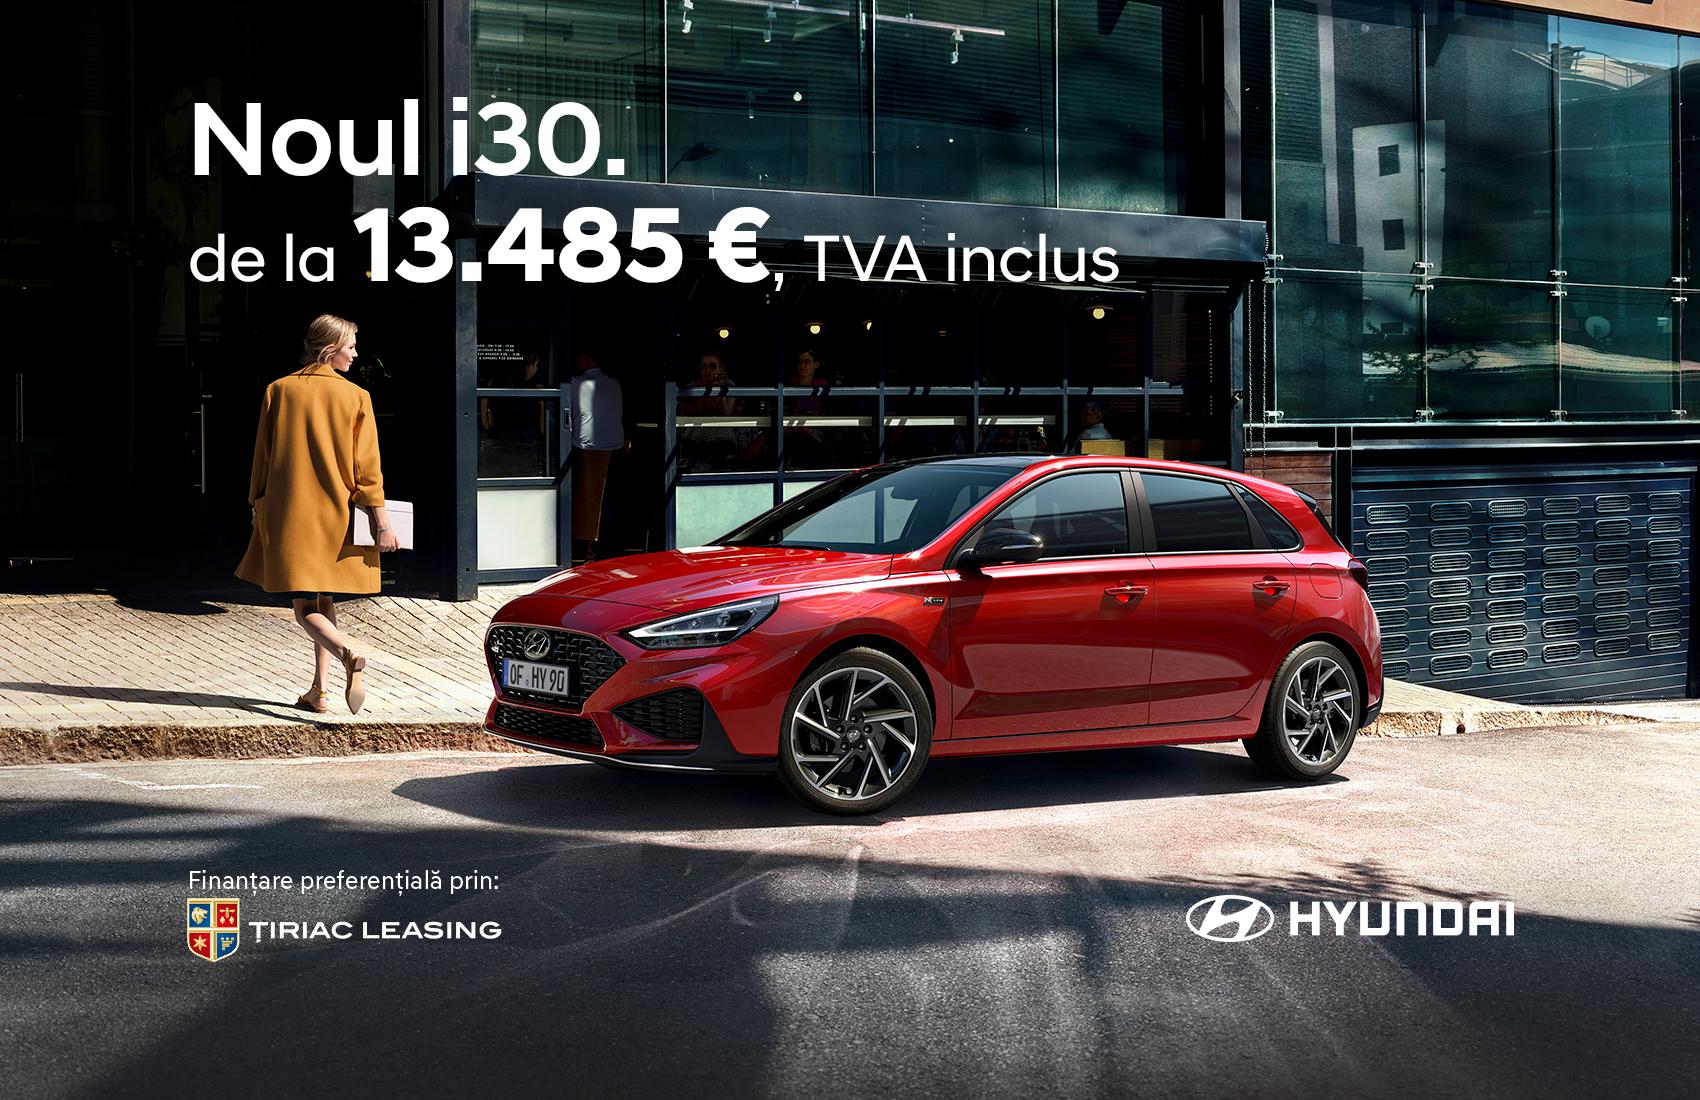 Noul Hyundai i30. Mereu pregatit pentru tine.